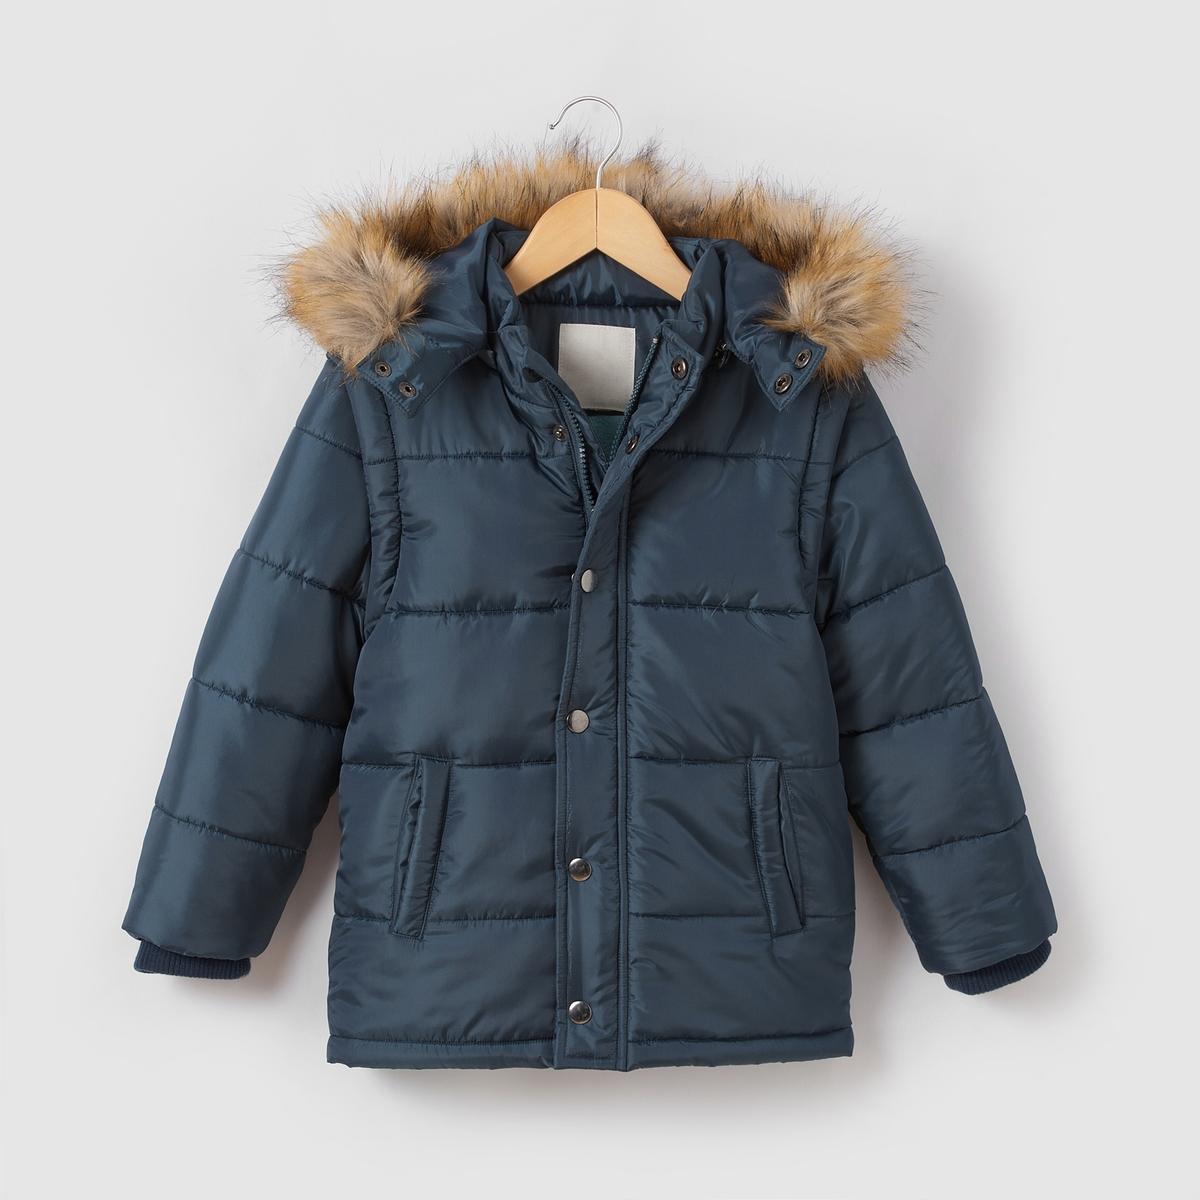 Стеганая куртка со съемными рукавами и  капюшоном 3-12 летСостав и описание : Материал: 100% полиэстера.. Искусственный мех,100% полиэстера      Подкладка    основная часть на флисовой подкладке 100% полиэстера, капюшон и рукава на подкладке 100% полиэстераМарка: R essentiel.Уход :Машинная стирка при 30°C, с одеждой подобных цветов.- Стирать и гладить с изнаночной стороны..- Машинная сушка в умеренном режиме.Гладить при умеренной температуре.<br><br>Цвет: бордовый,синий,черный<br>Размер: 4 года - 102 см.12 лет -150 см.4 года - 102 см.5 лет - 108 см.6 лет - 114 см.8 лет - 126 см.10 лет - 138 см.12 лет -150 см